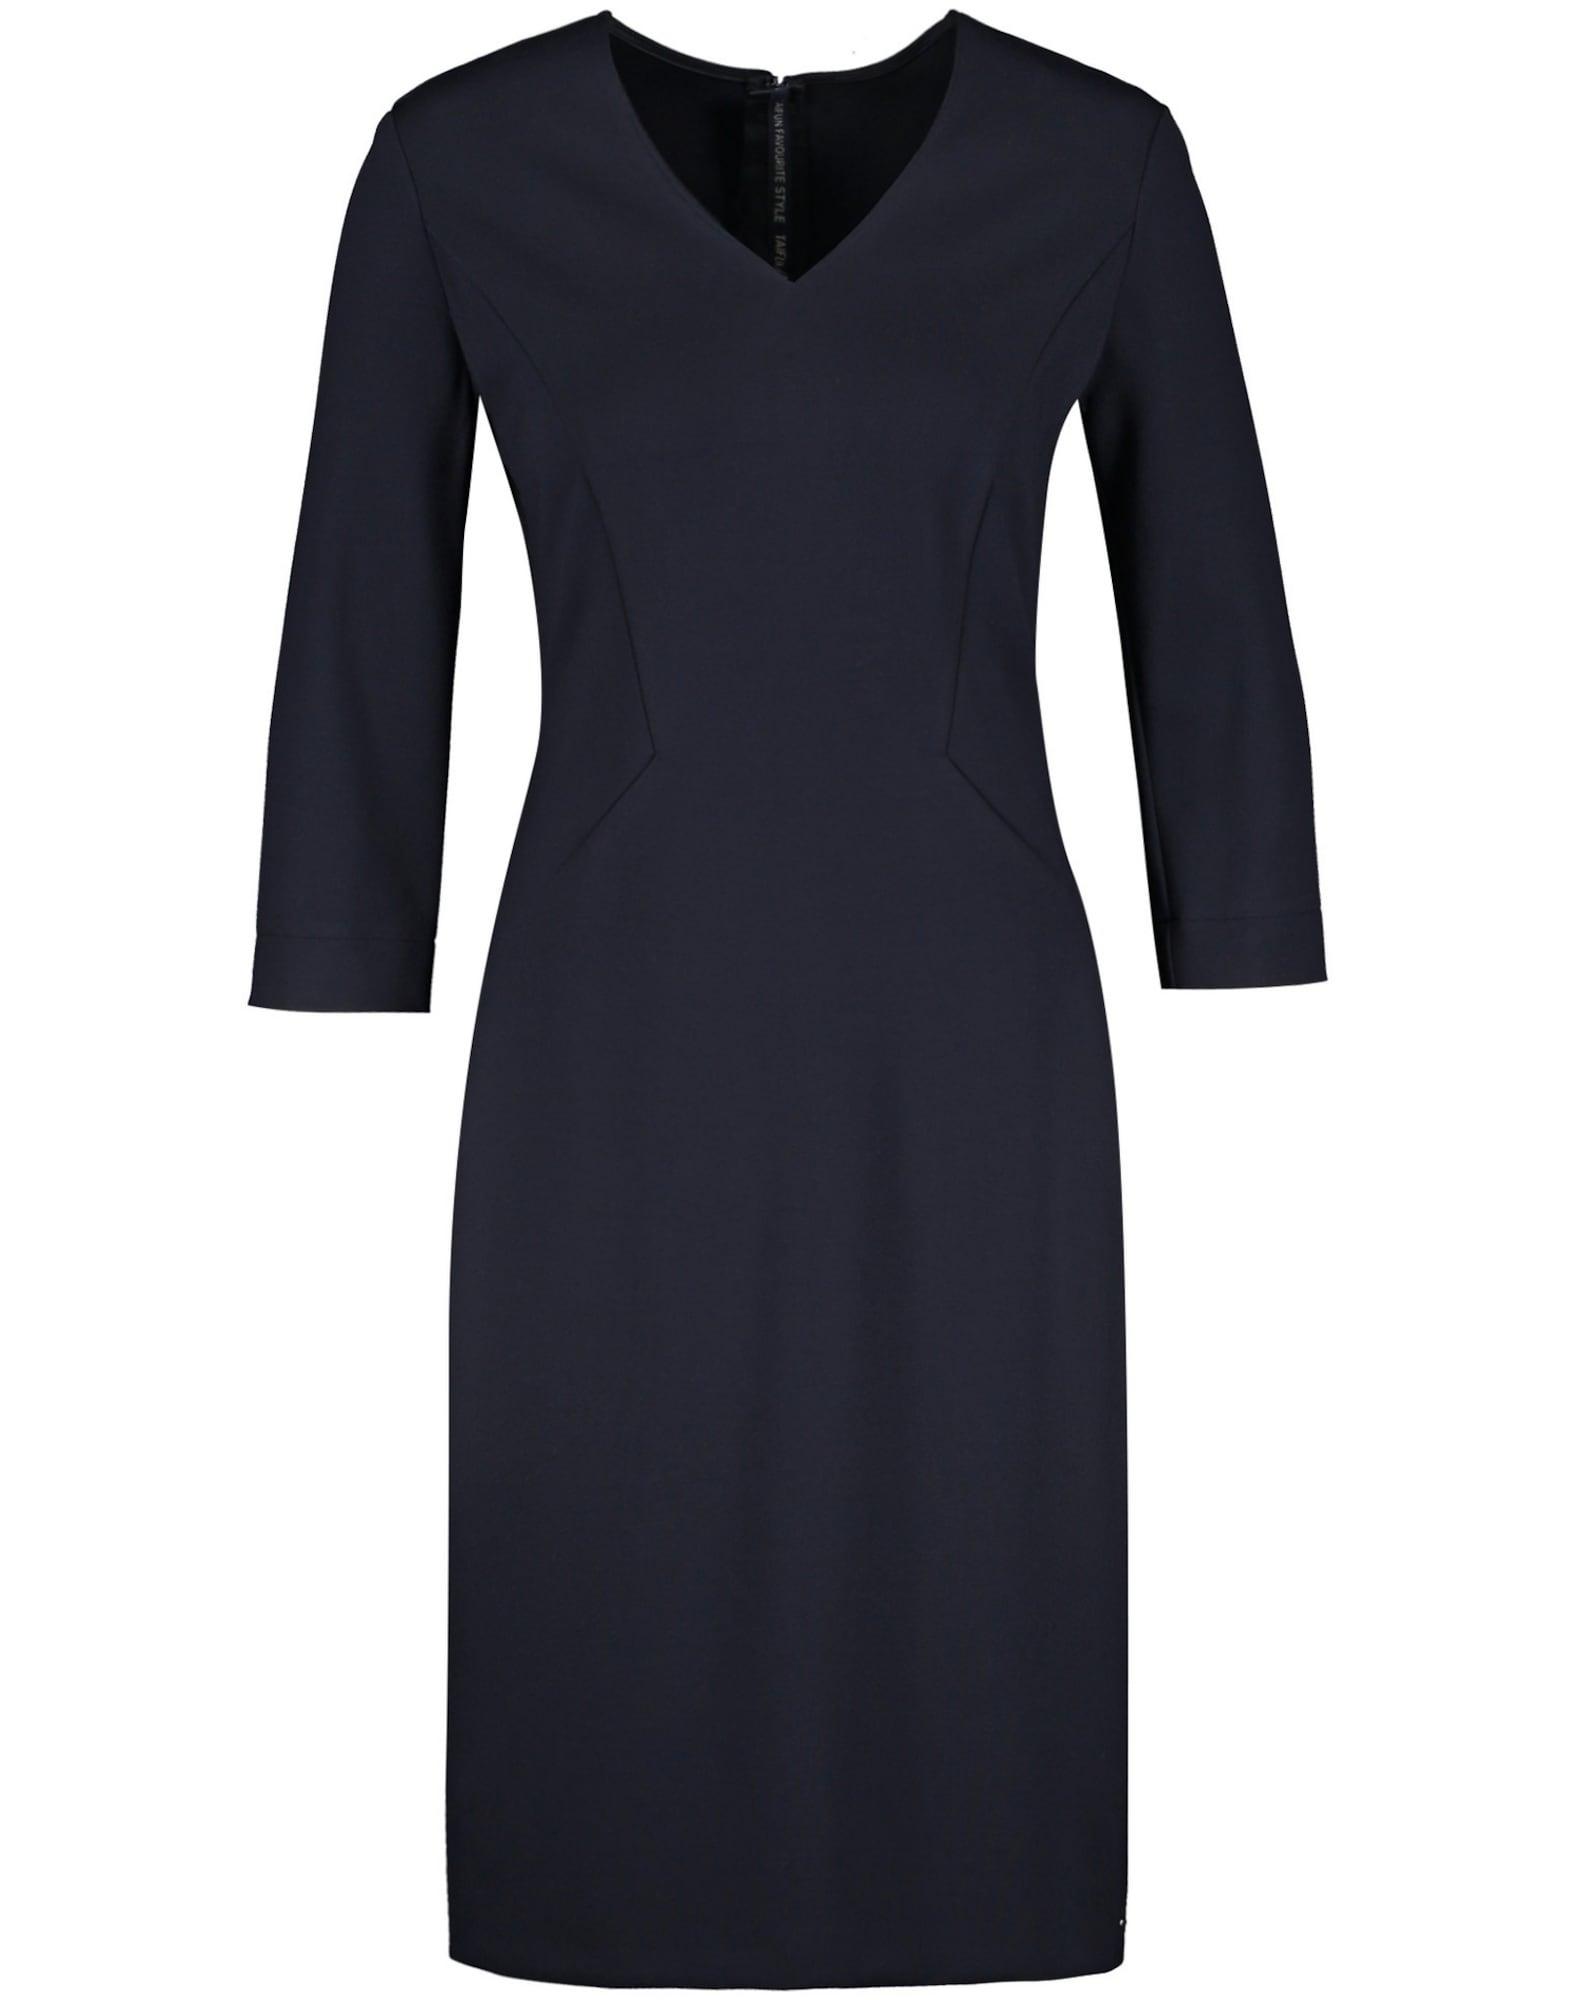 TAIFUN Suknelė nakties mėlyna